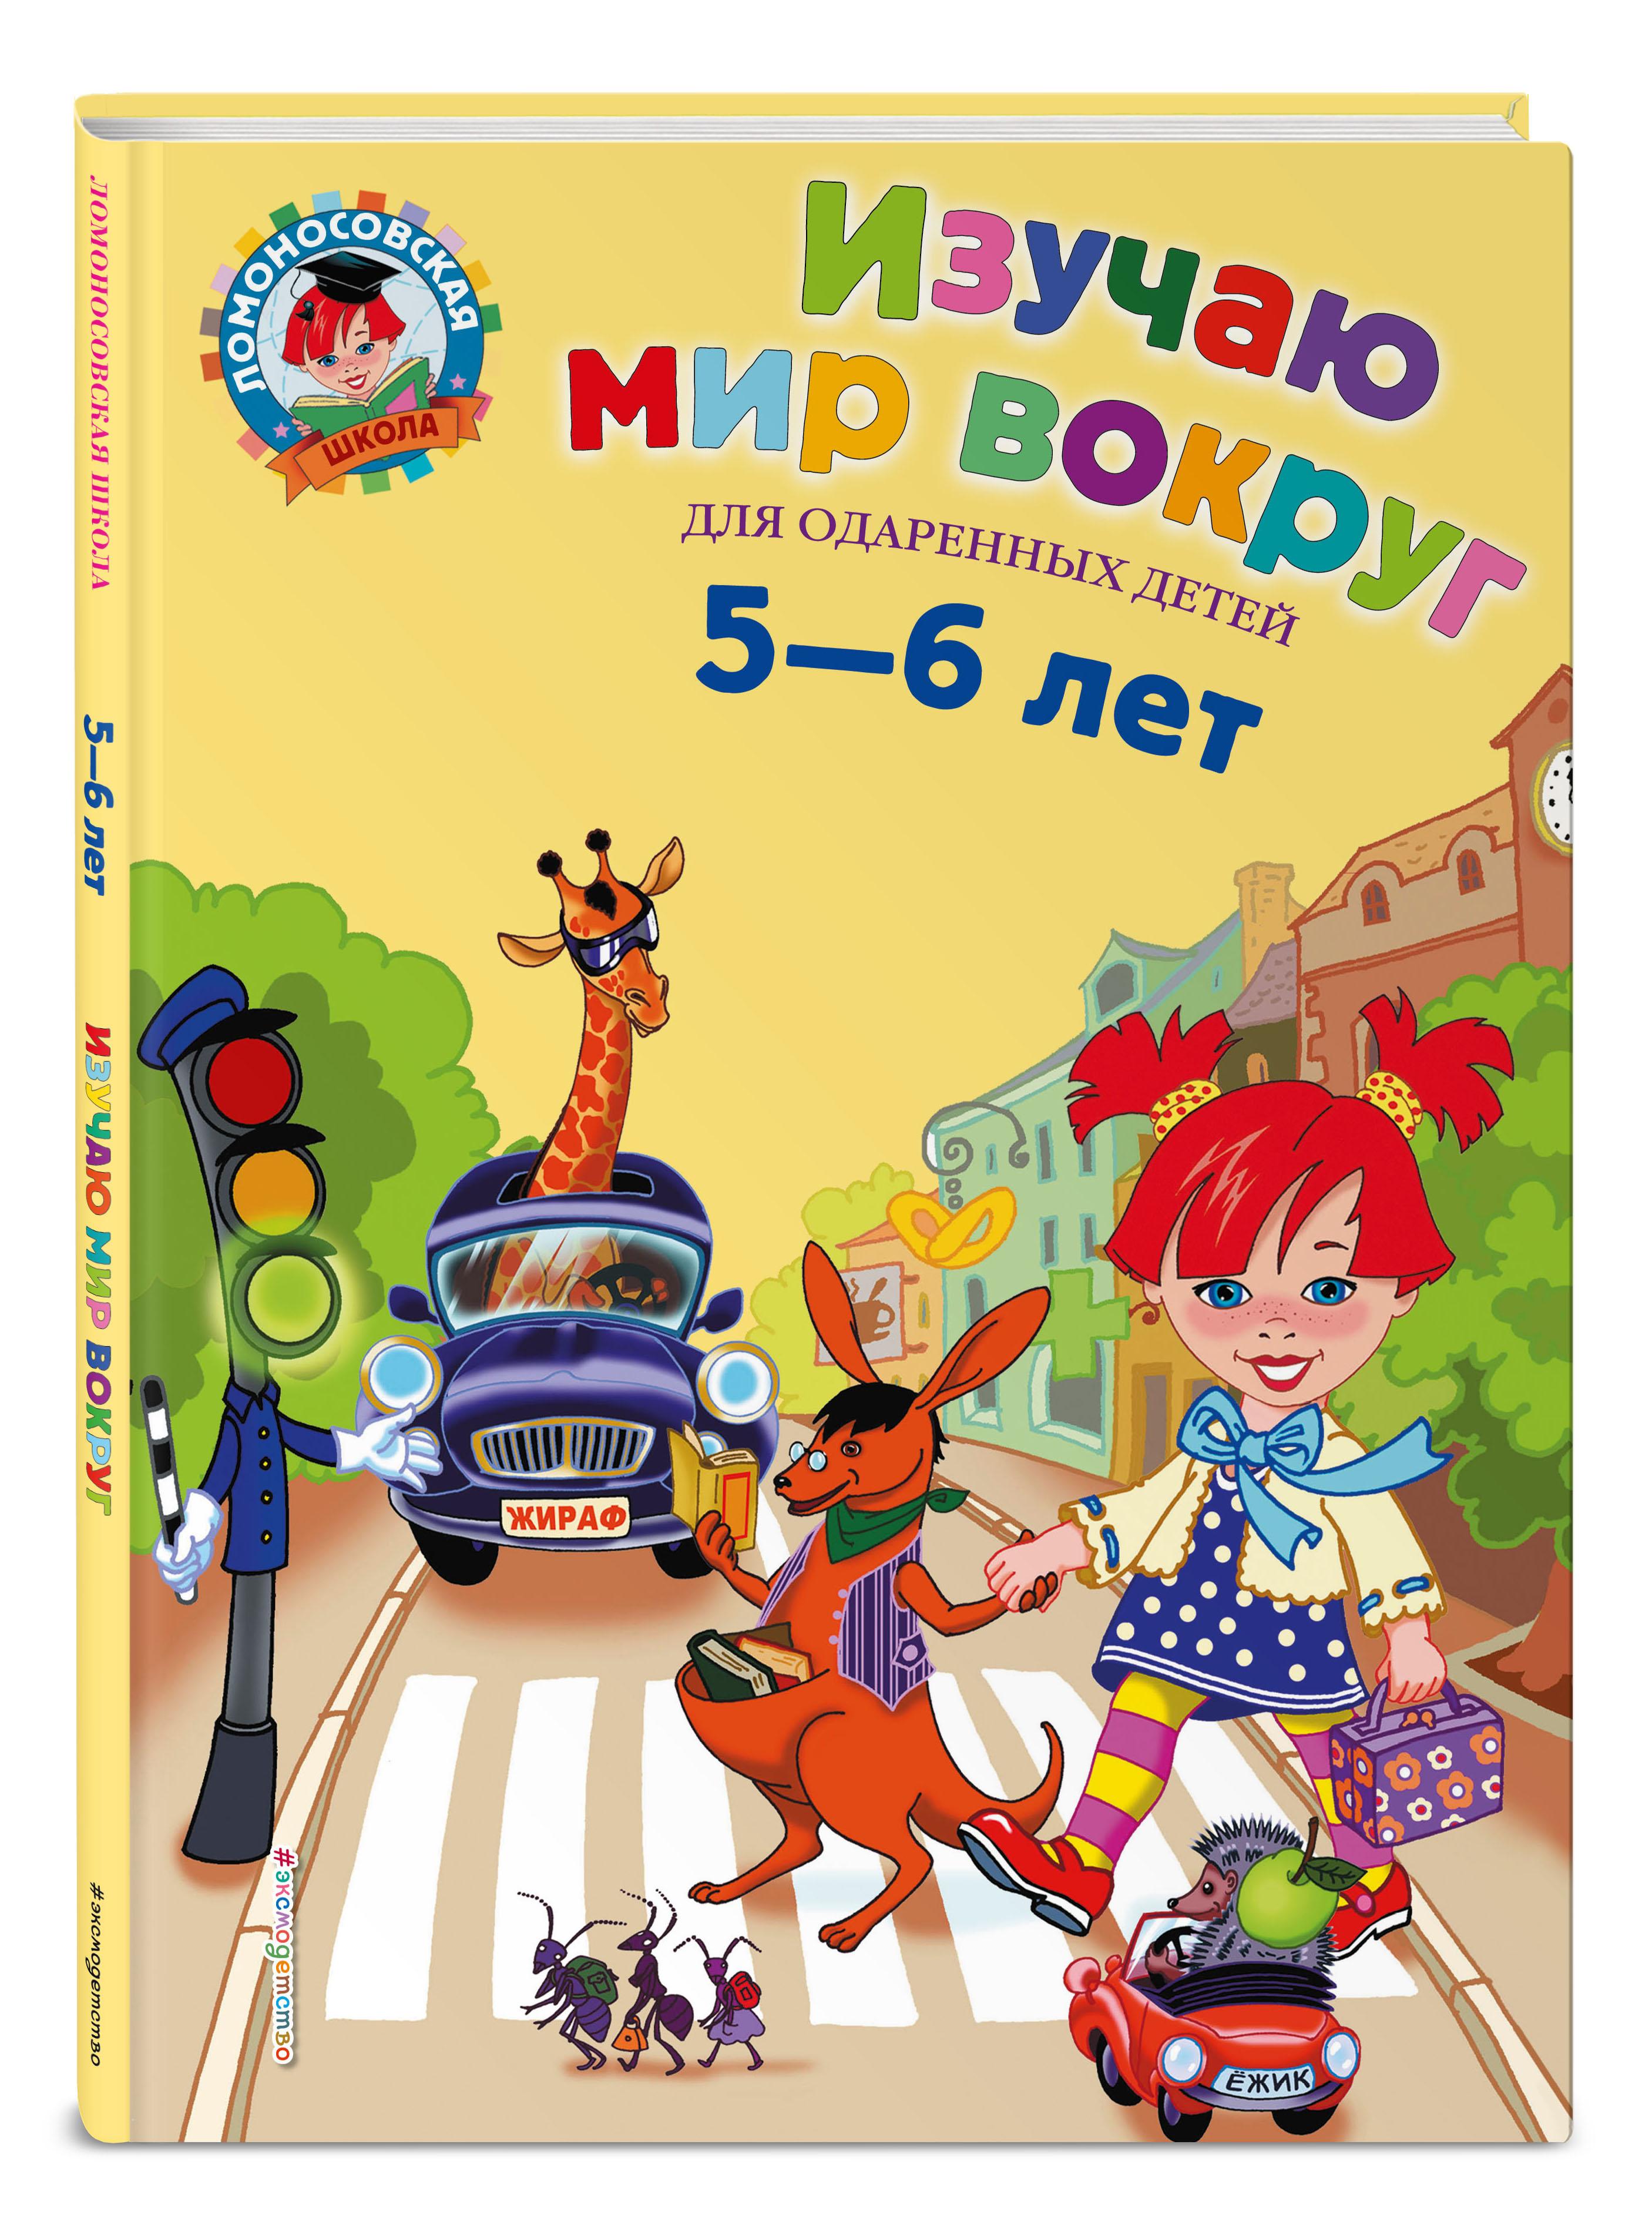 Егупова В.А. Изучаю мир вокруг: для детей 5-6 лет книги эксмо изучаю мир вокруг для детей 6 7 лет page 6